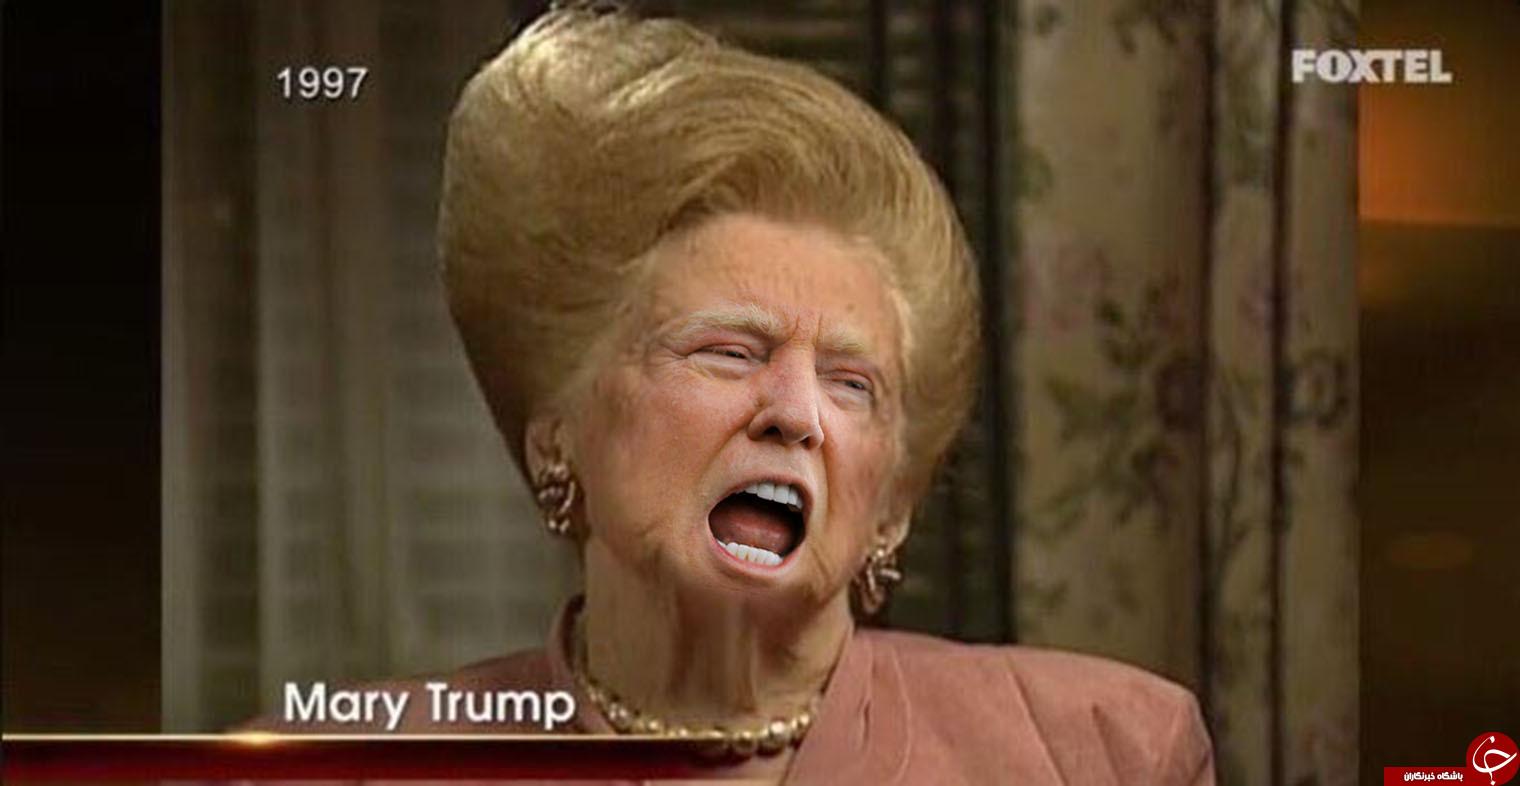 مادر ترامپ سوژه طنز کاربران شد + تصاویر